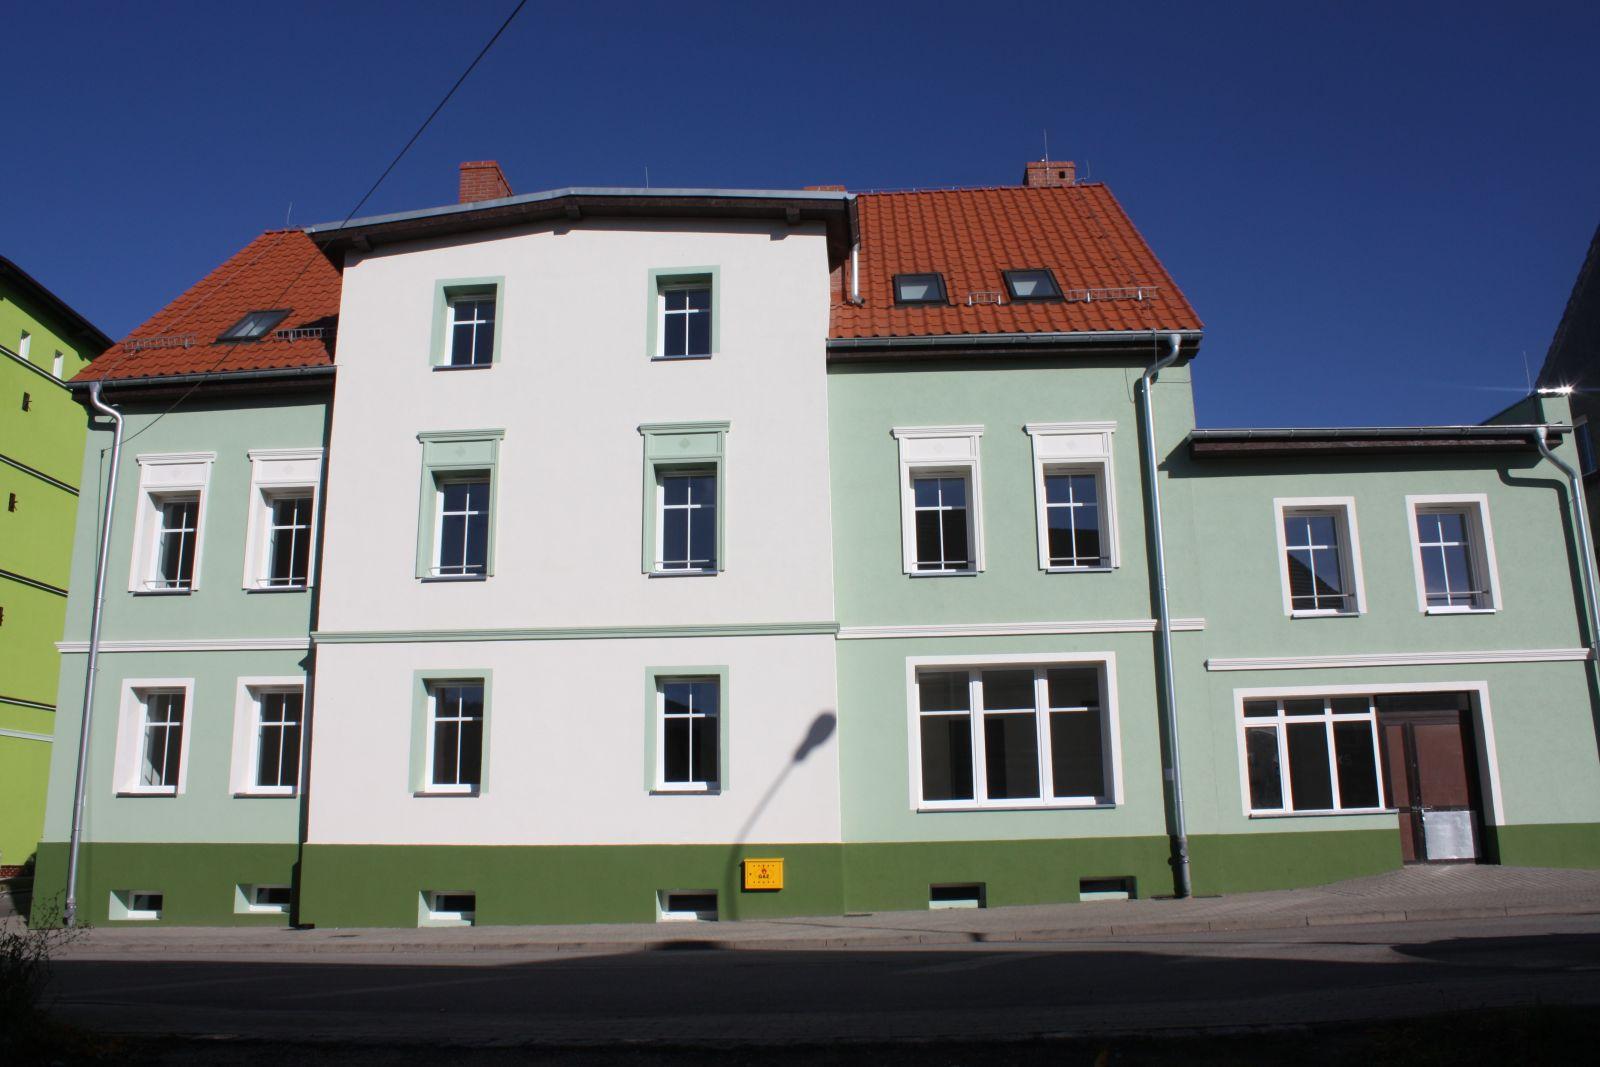 Nowe mieszkania w Boguszowie-Gorcach!